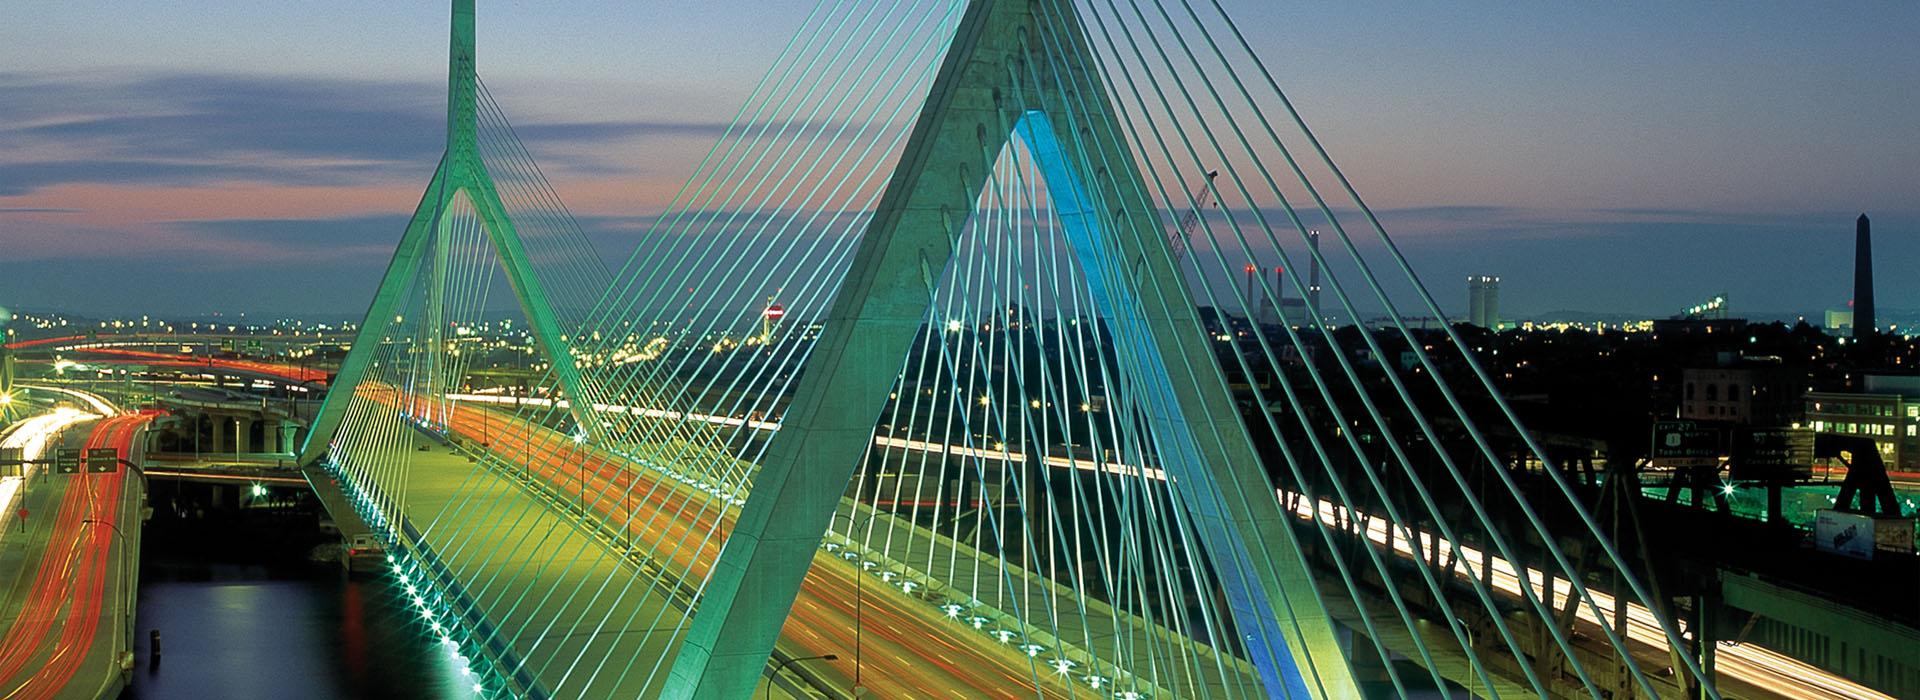 Zakim Bunker Hill Bridge • Boston, Massachusetts